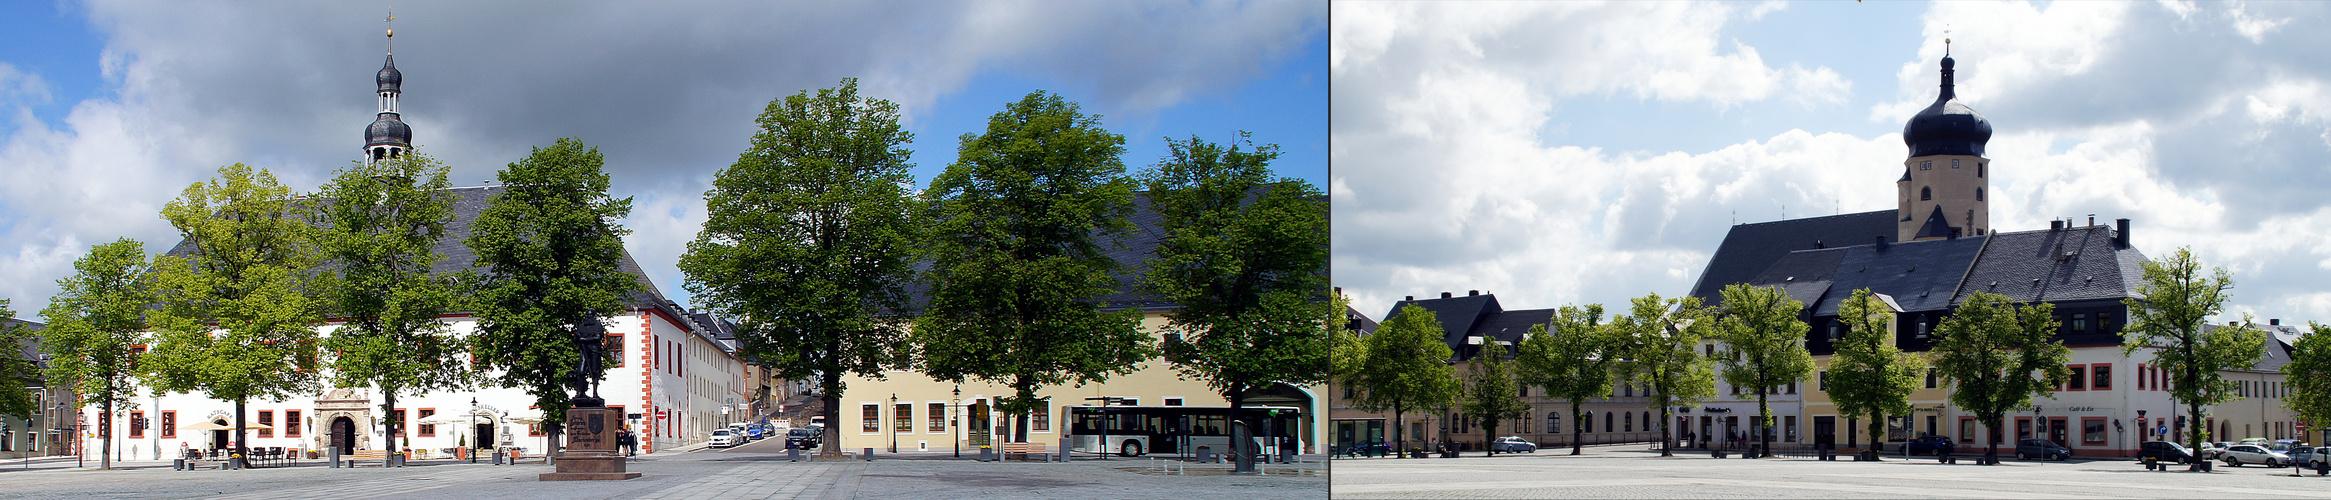 Der Renaissance-Marktplatz der Bergstadt Marienberg